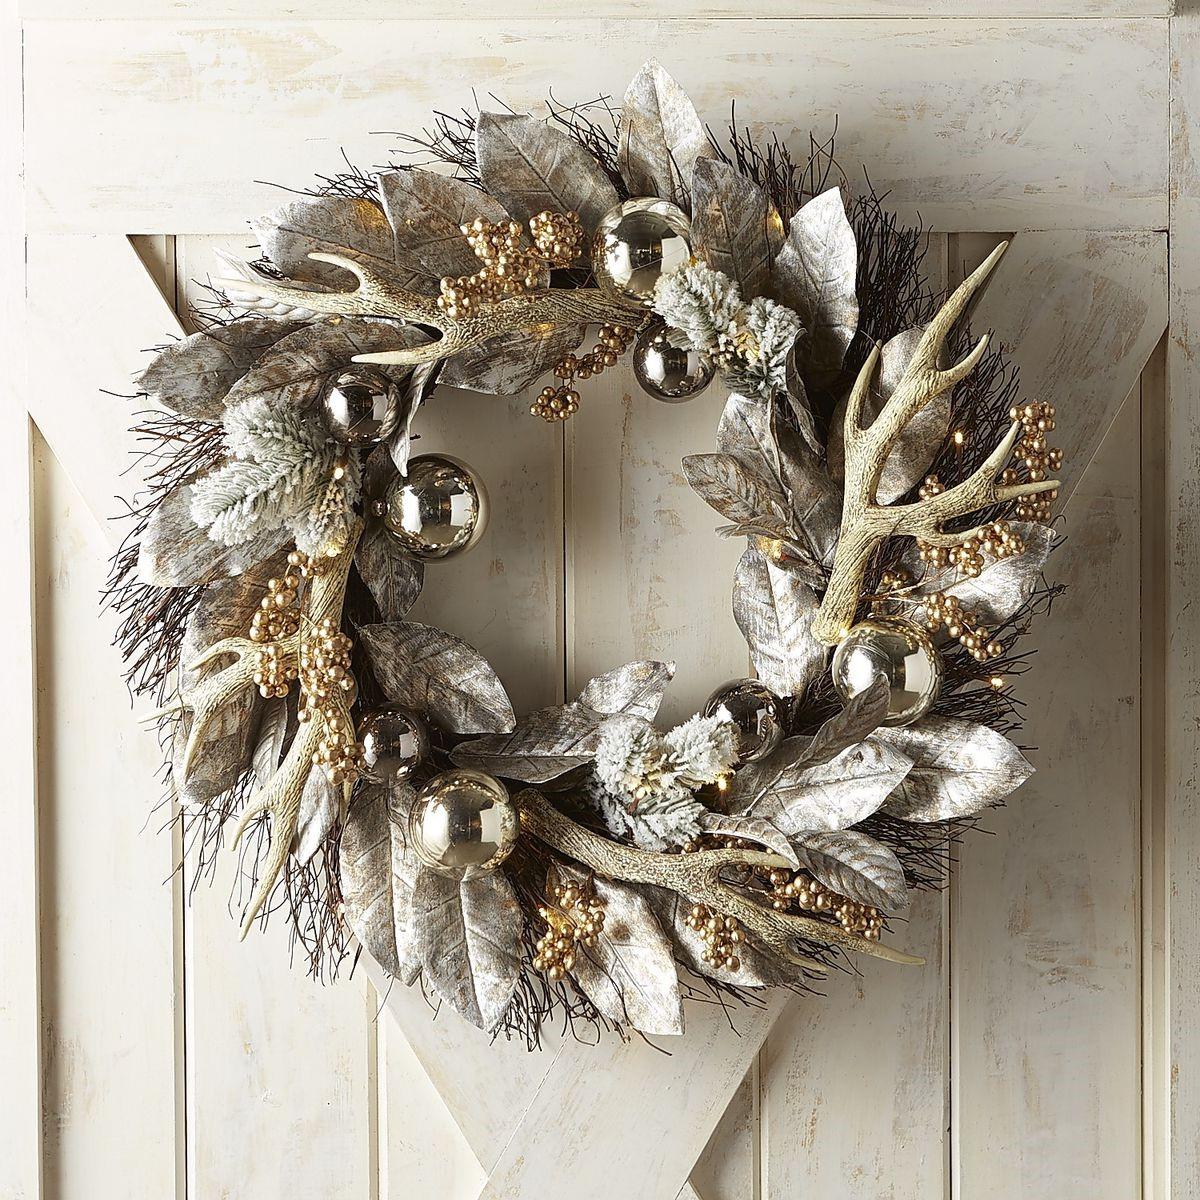 Couronne en argent et or décorée de détails étincelants et de petites branches d'arbres.